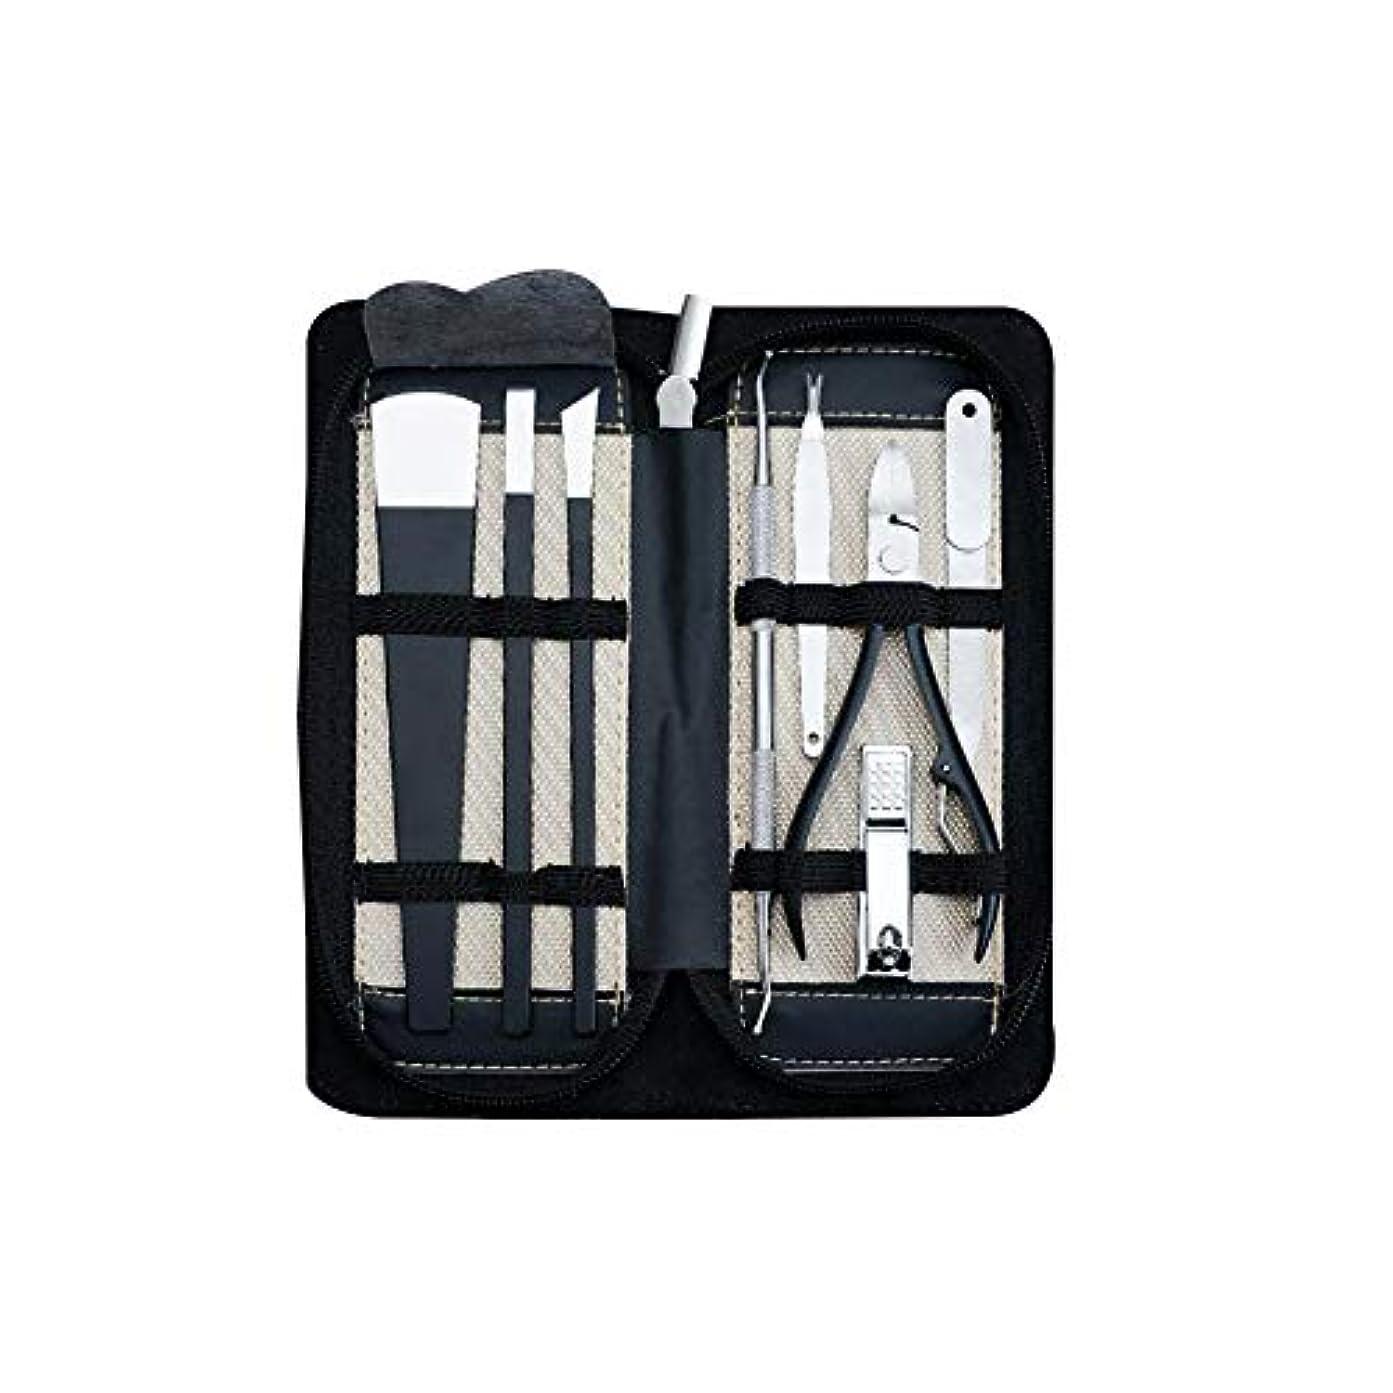 書き込み保持する筋肉のステンレス鋼ペディキュアキットマニキュアセットペディキュアナイフ専門のネイルケアツールキットツール8